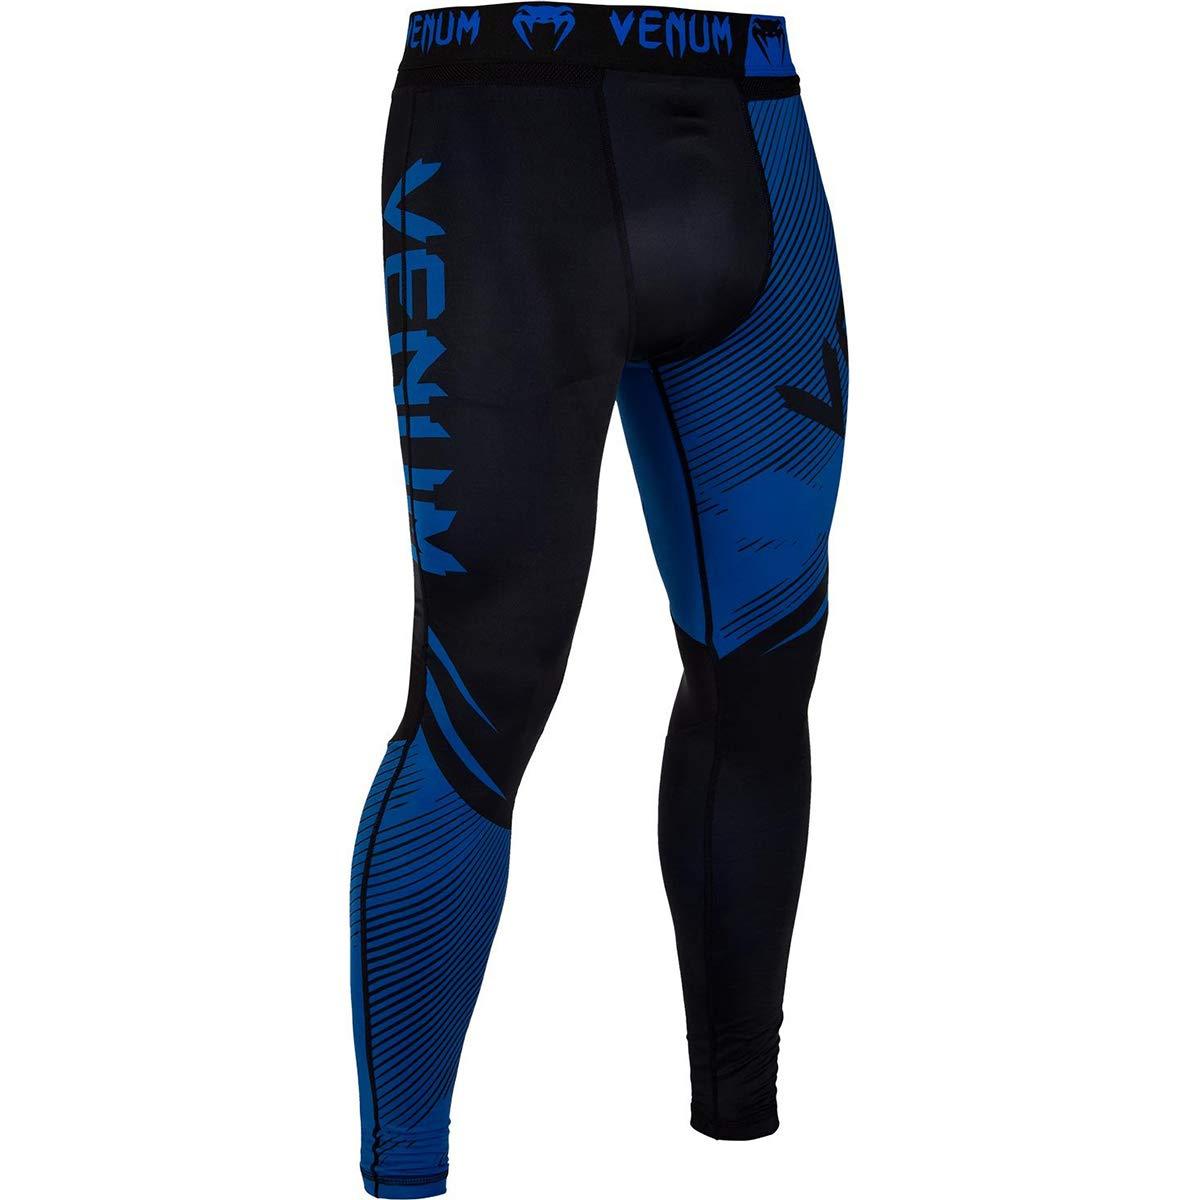 Venum No-Gi 2.0 MMA Compression Spats - Small - Black/Blue by Venum